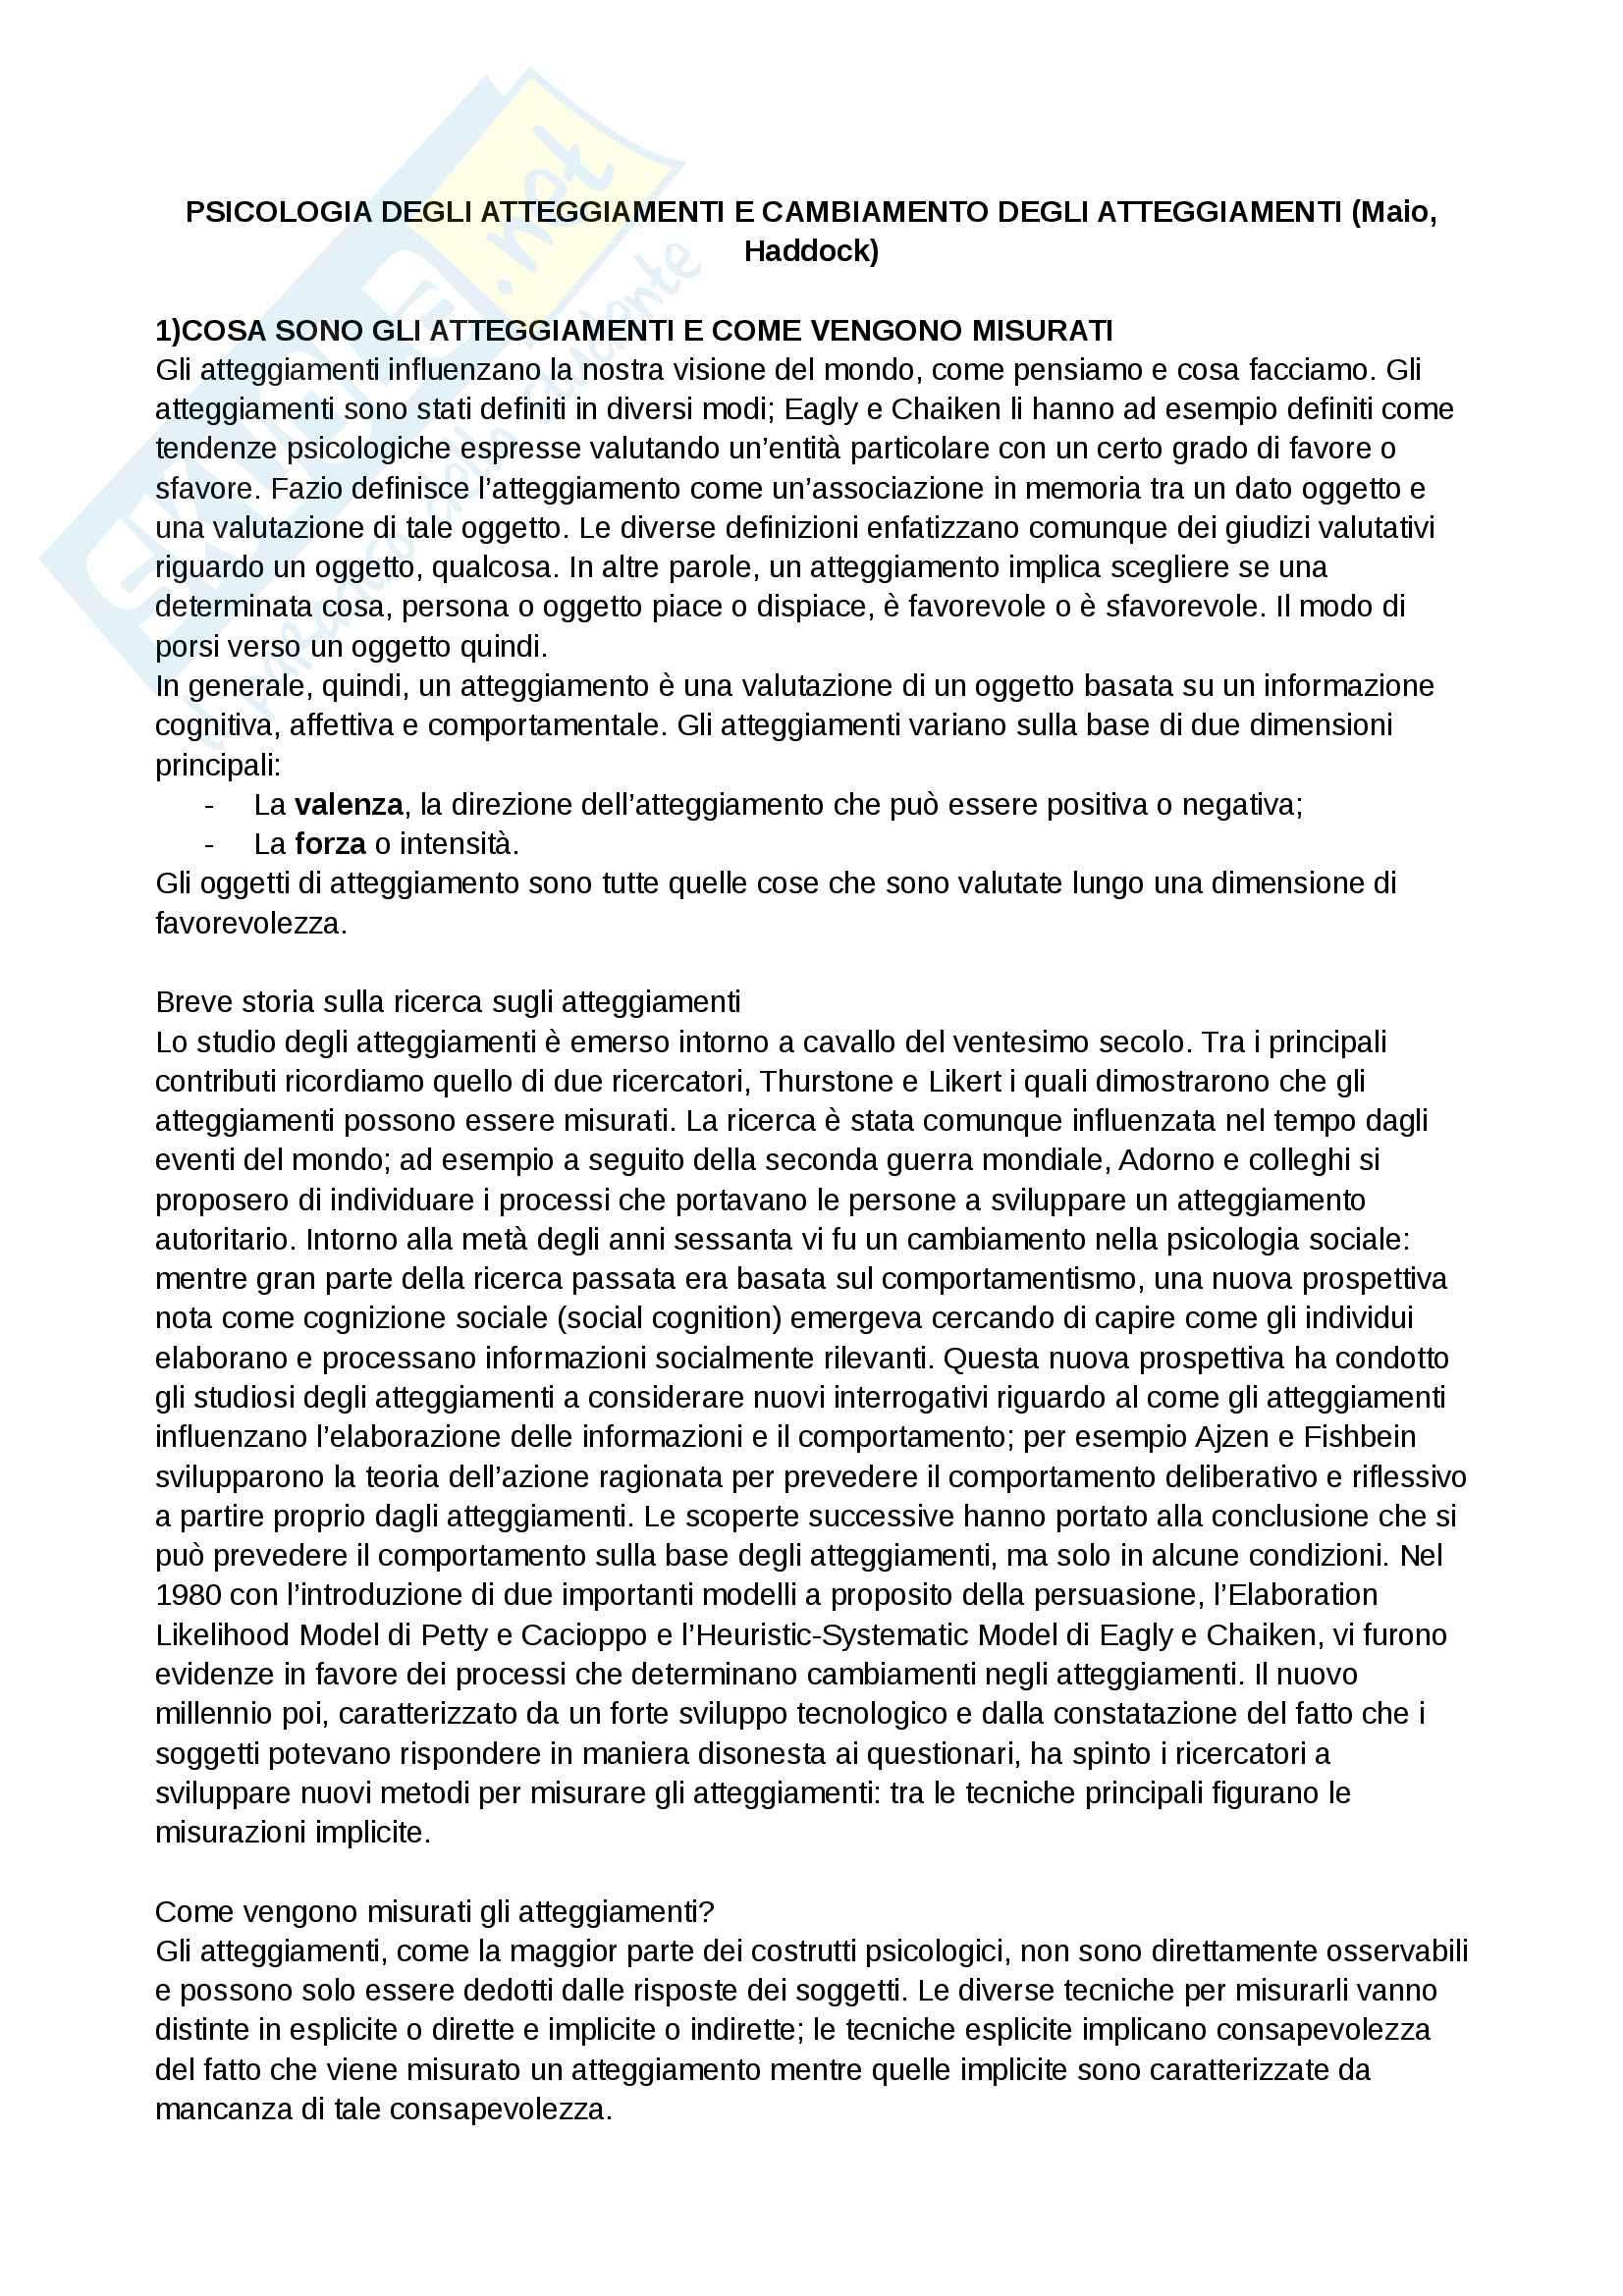 Riassunto esame e Appunti completi di Atteggiamenti e Opinioni per esame prof. Mari, libro consigliato The Psychology of attitudes and attitude change